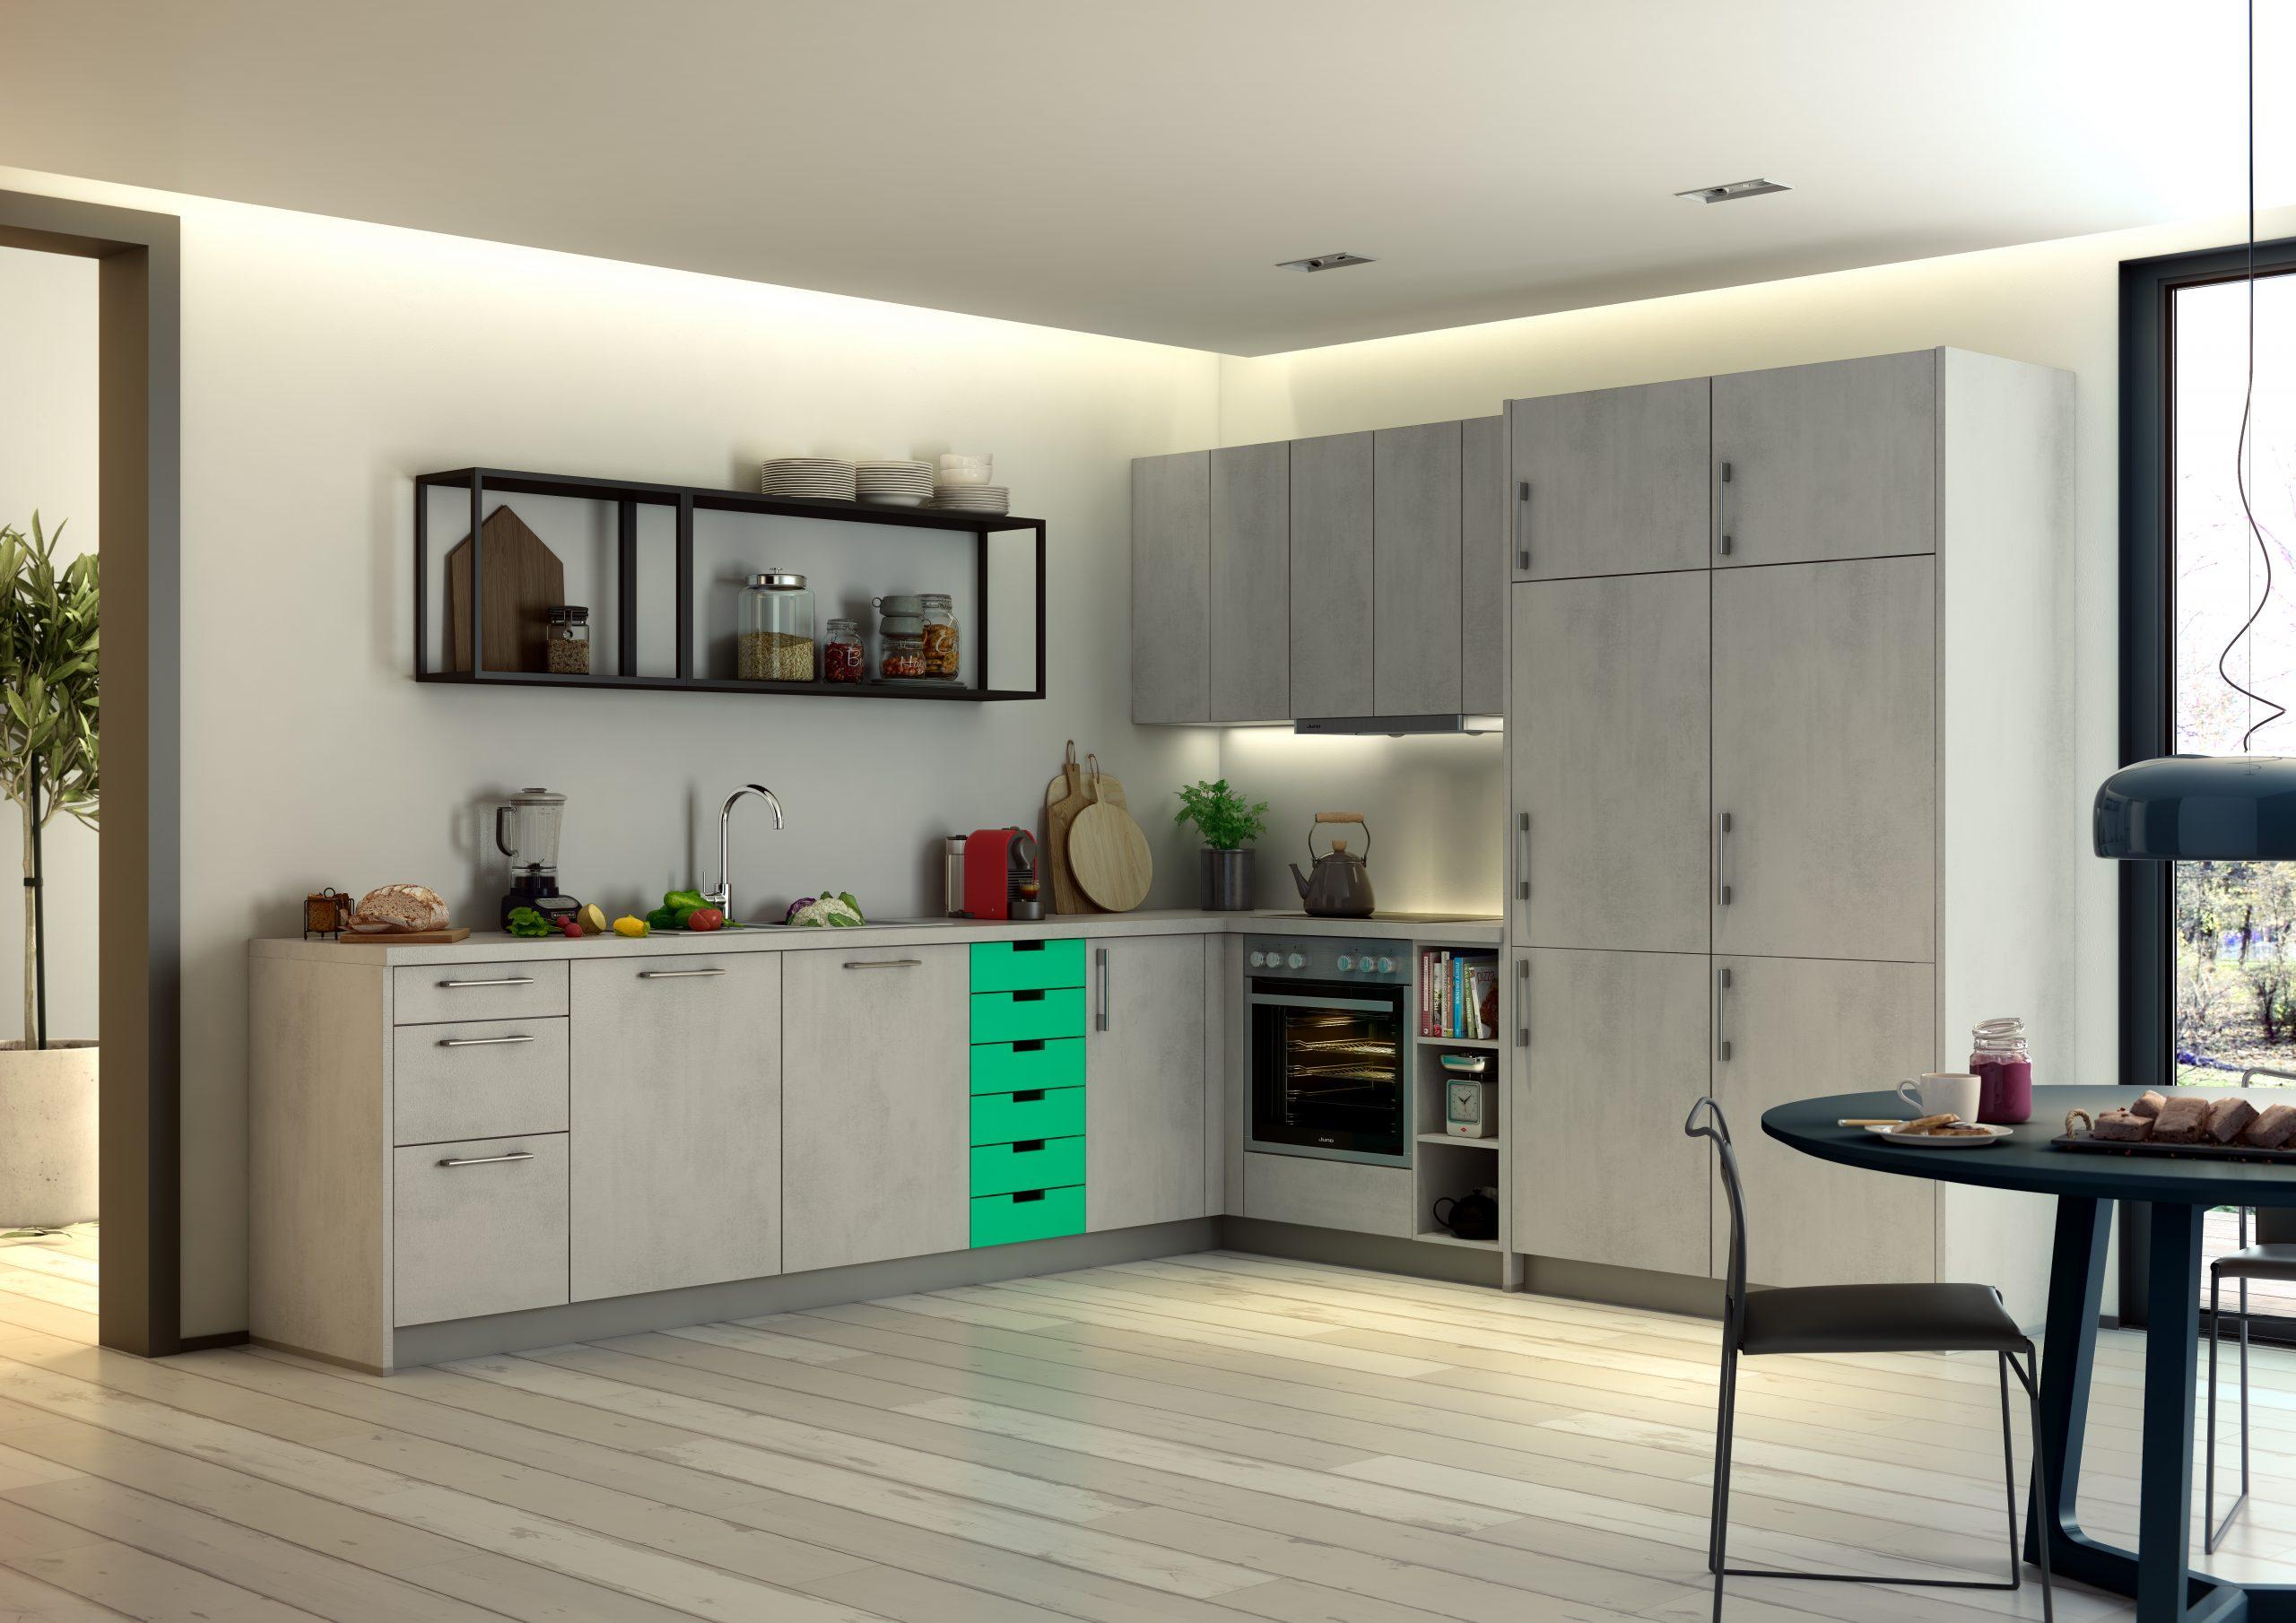 Full Size of Einbauküche L Form Einbauküche L Form Kaufen Einbauküche L Form Mit Geräten Einbauküche L Form Gebraucht Küche Einbauküche L Form